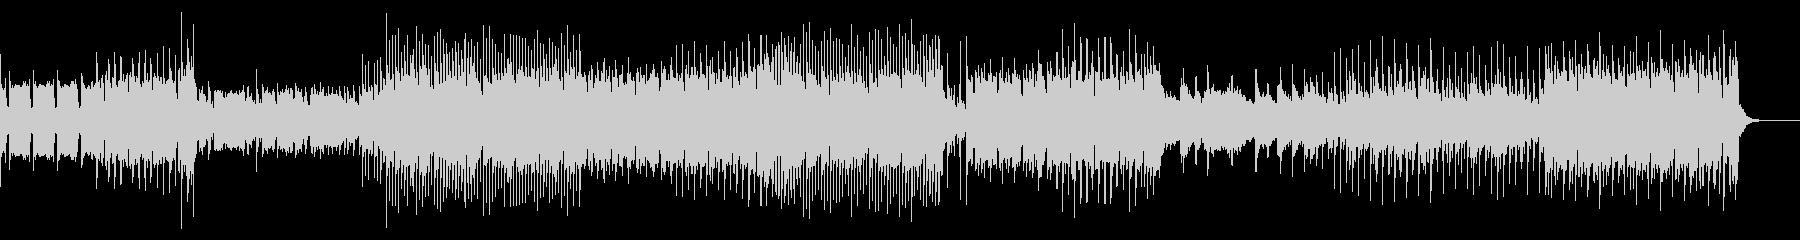 リズム・ゲーム/EDM風インストの未再生の波形